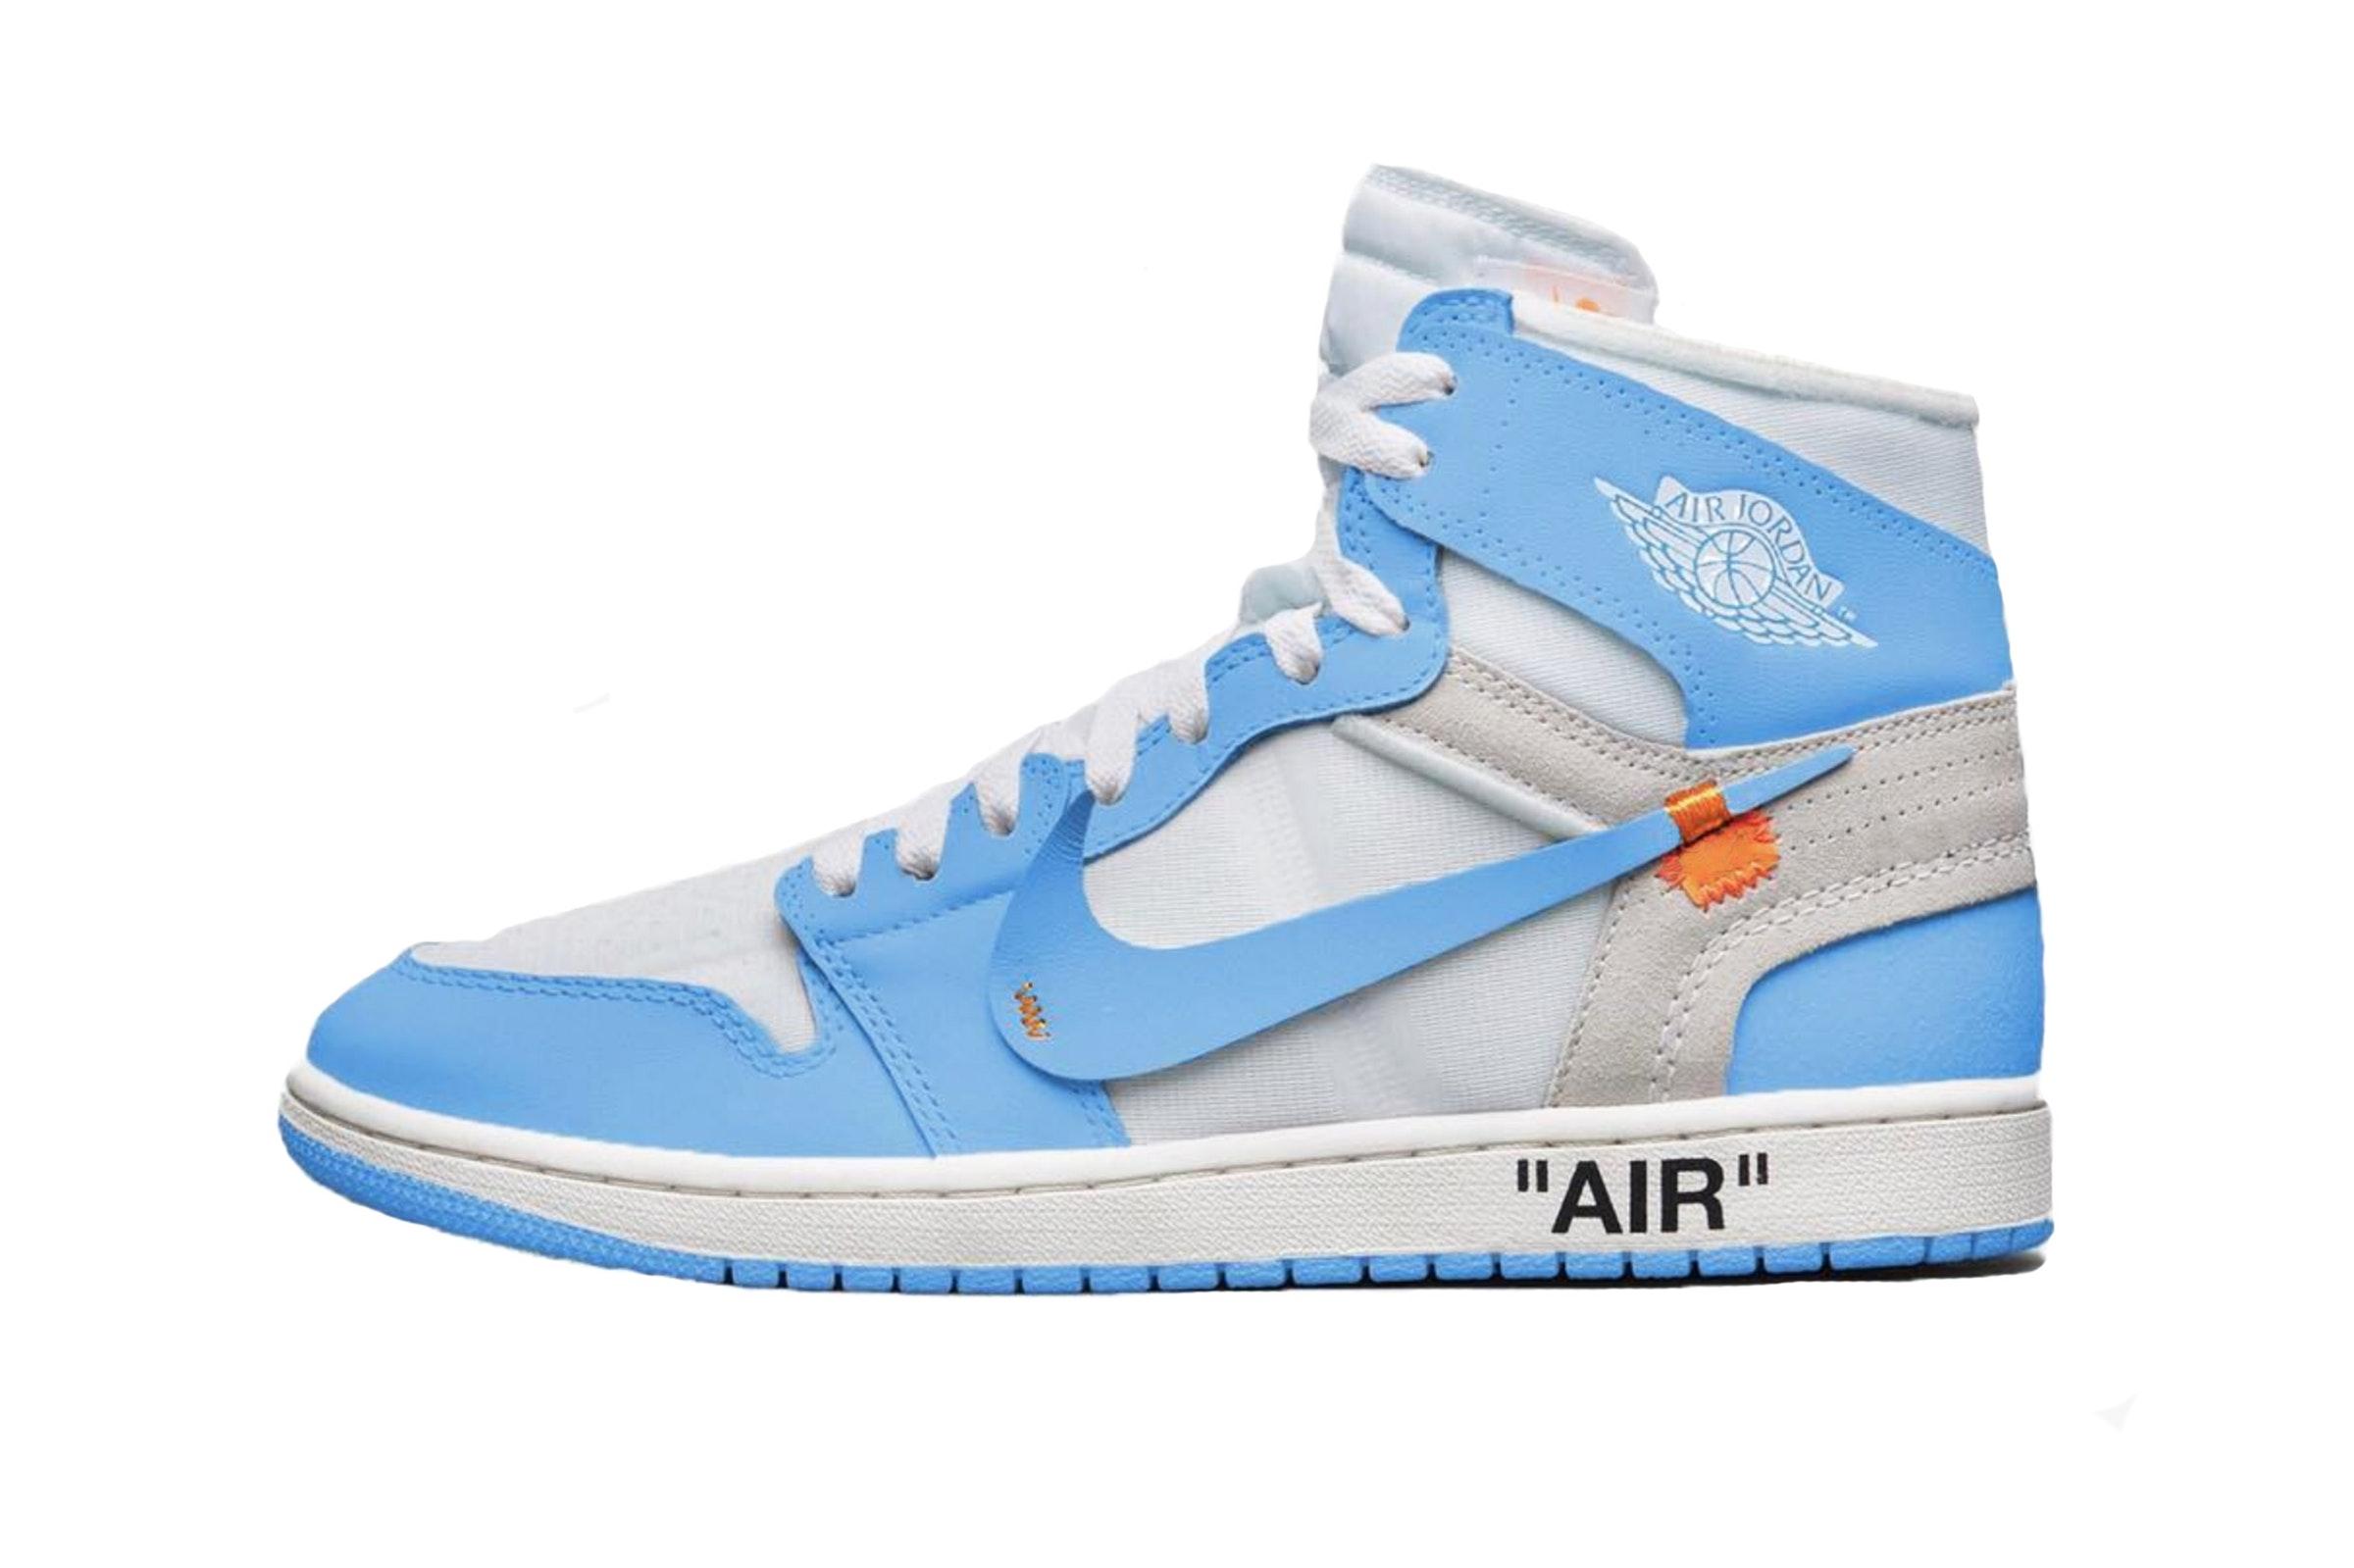 Blue Pour Air 1 Une Off White Jordan Printemps University X Le y0OmnvwN8P